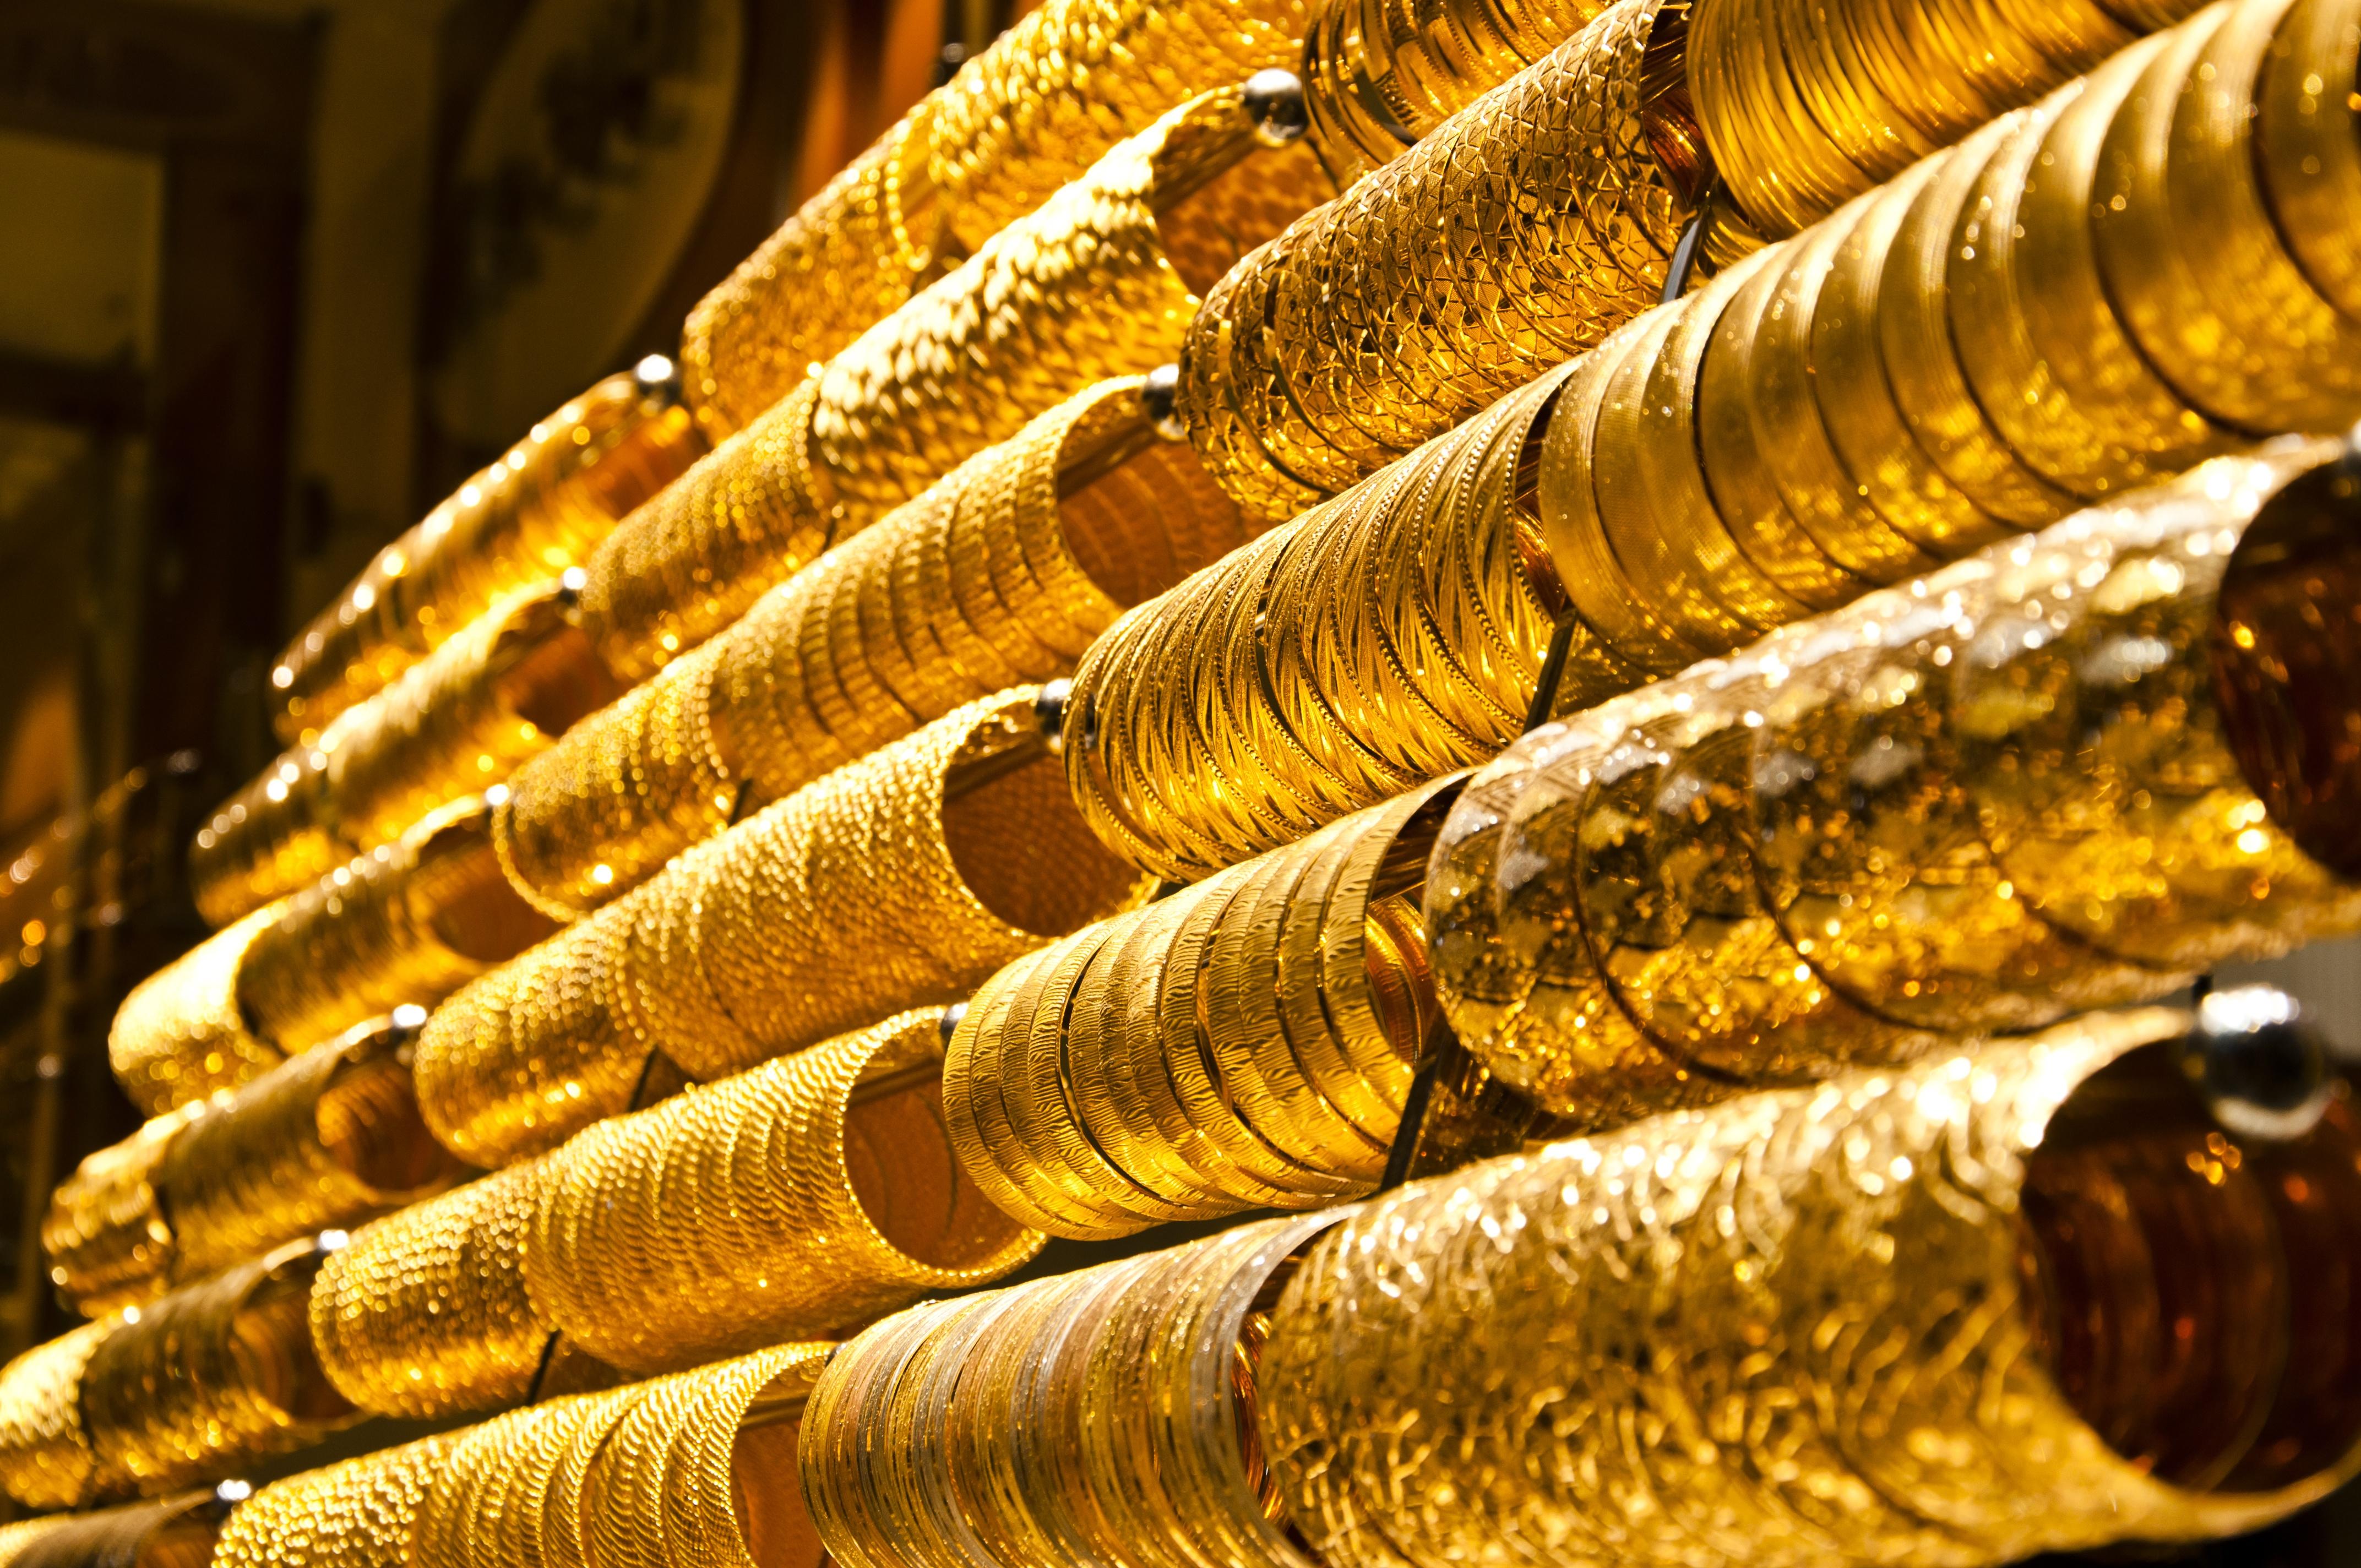 Giá vàng hôm nay ngày 1/11/2015 bất ngờ tăng nhẹ 10.000 đồng/lượng tại thị trường vàng trong nước